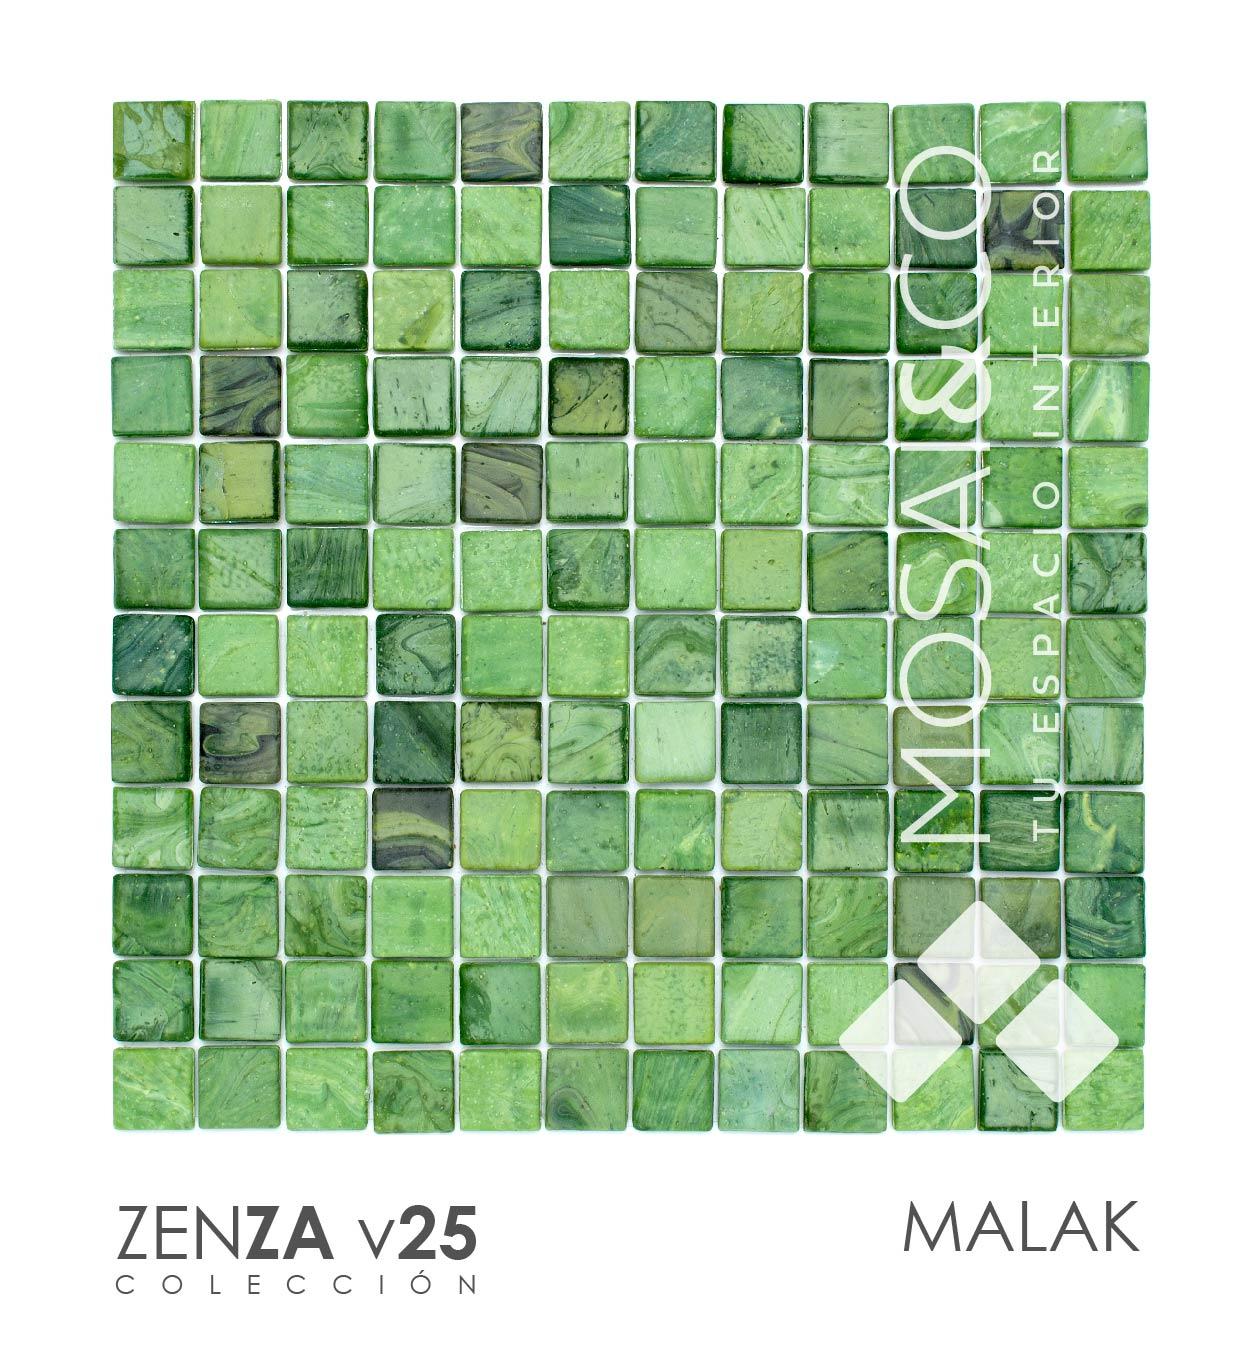 mosaico-decoracion-interiores-mosaiandco-coleccion-zenza-v25_malak